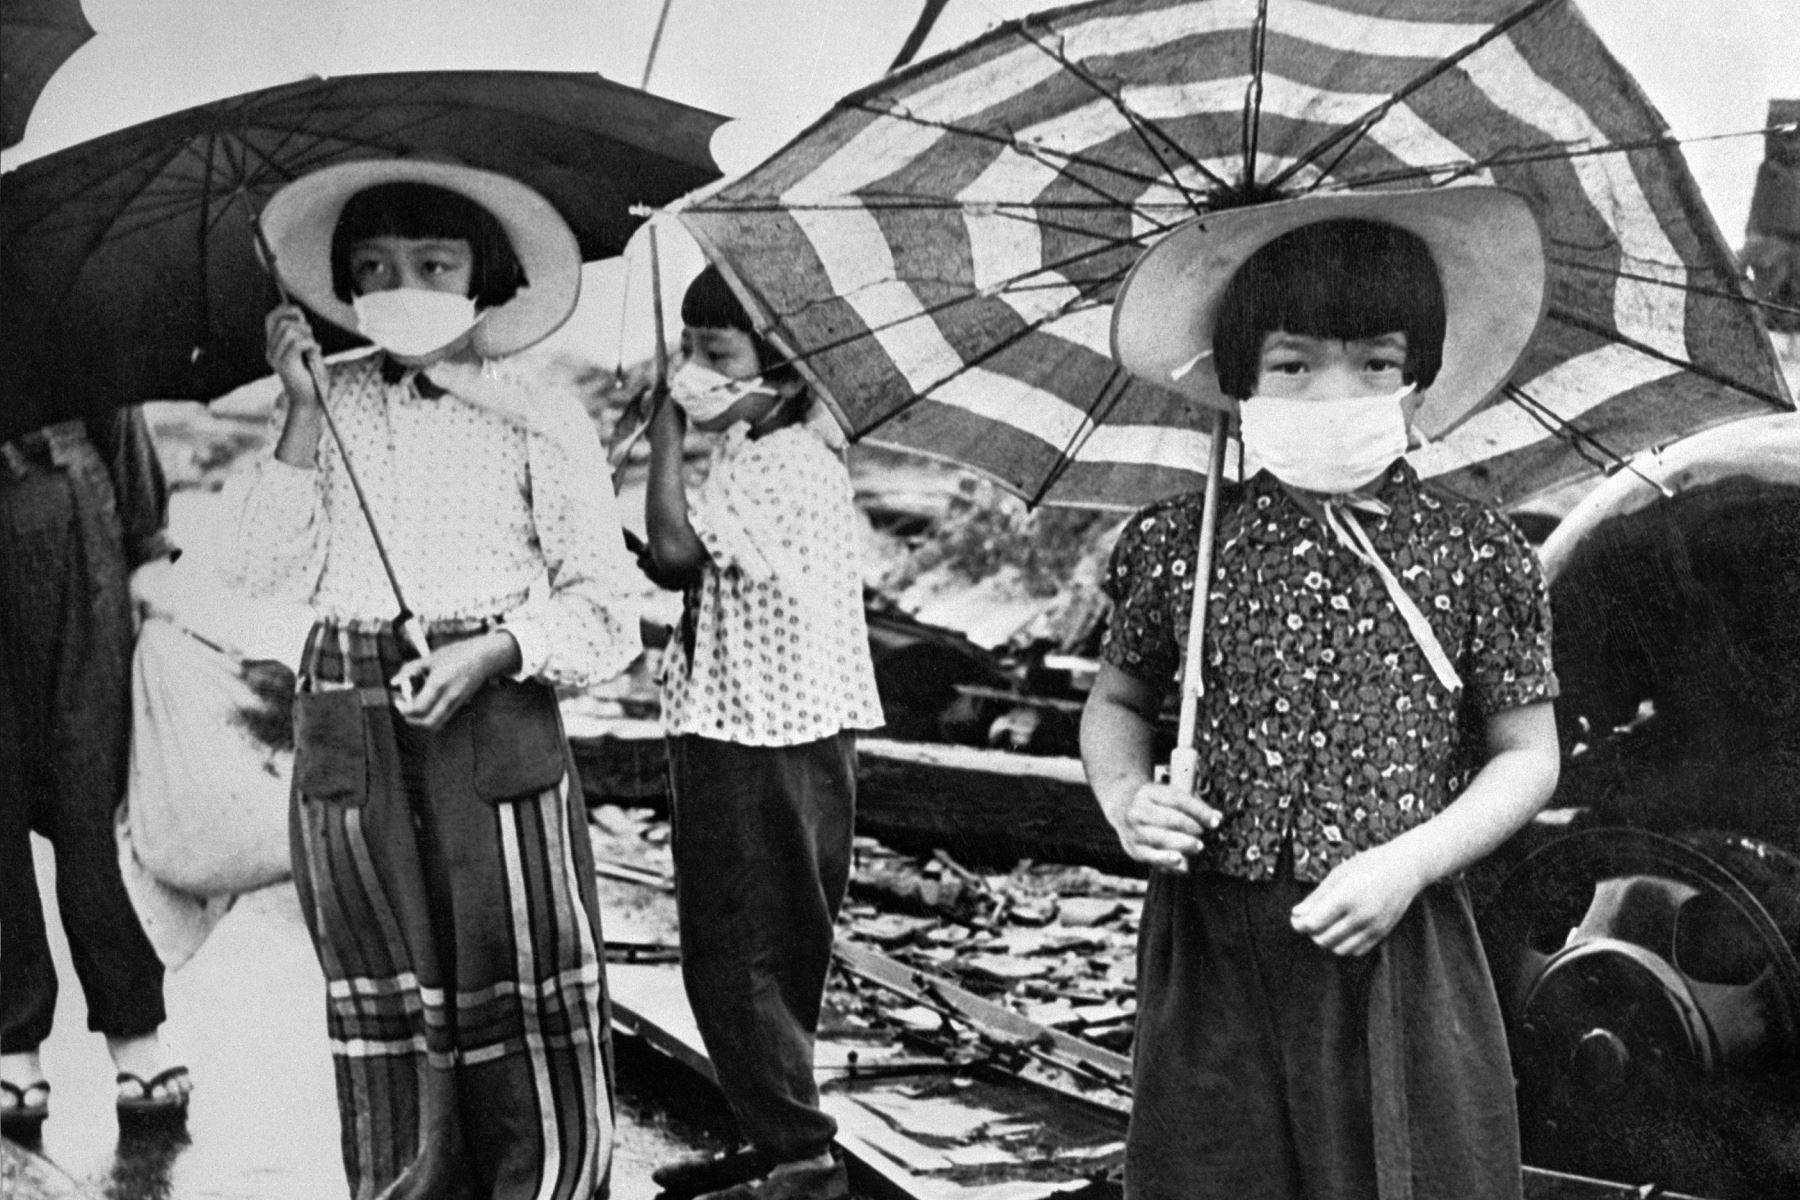 Imagen de 1948 muestra a niños con máscaras faciales para protegerse de la irradiación en la devastada ciudad de Hiroshima después del bombardeo nuclear de los Estados Unidos en la ciudad, el 6 de agosto de 1945, durante la Segunda Guerra Mundial. Foto: AFP